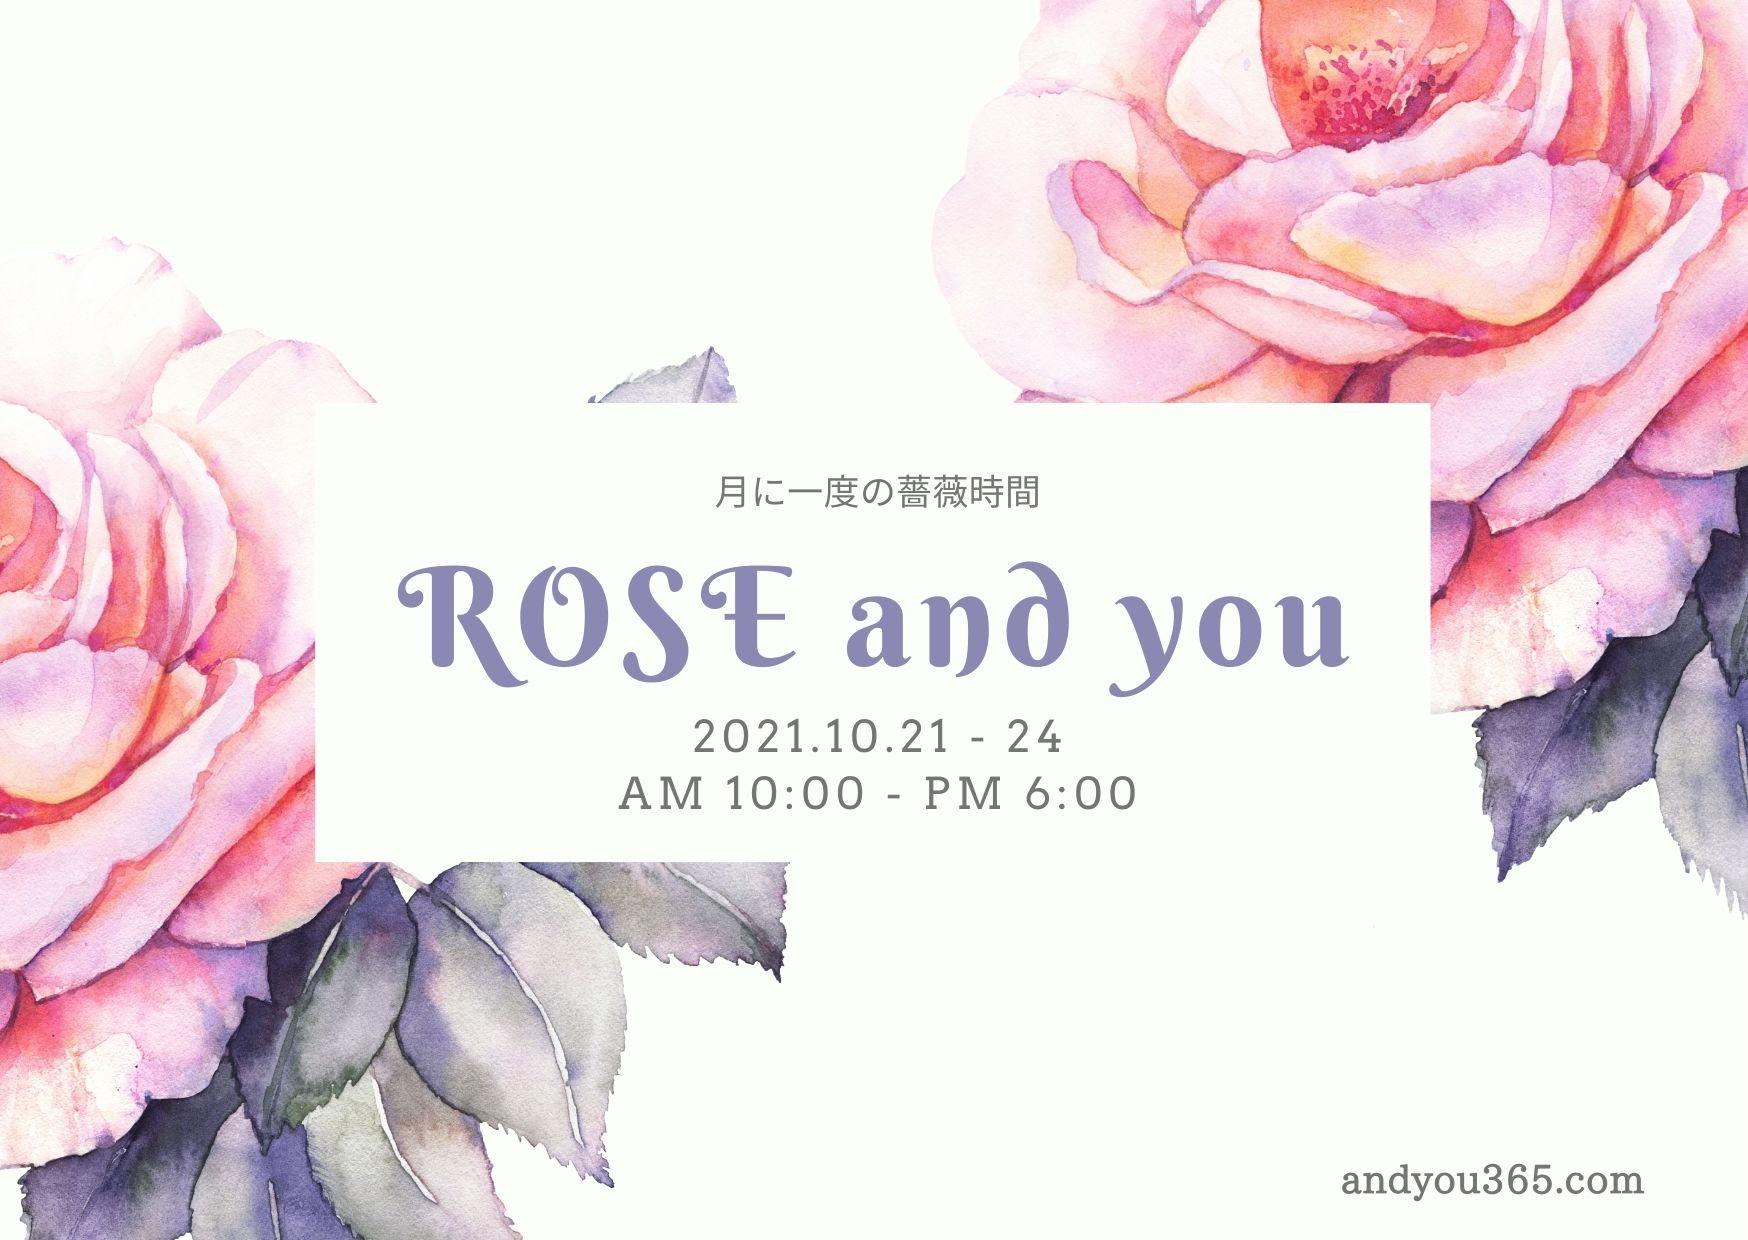 10月21日,22日,23日,24日/ROSE and you